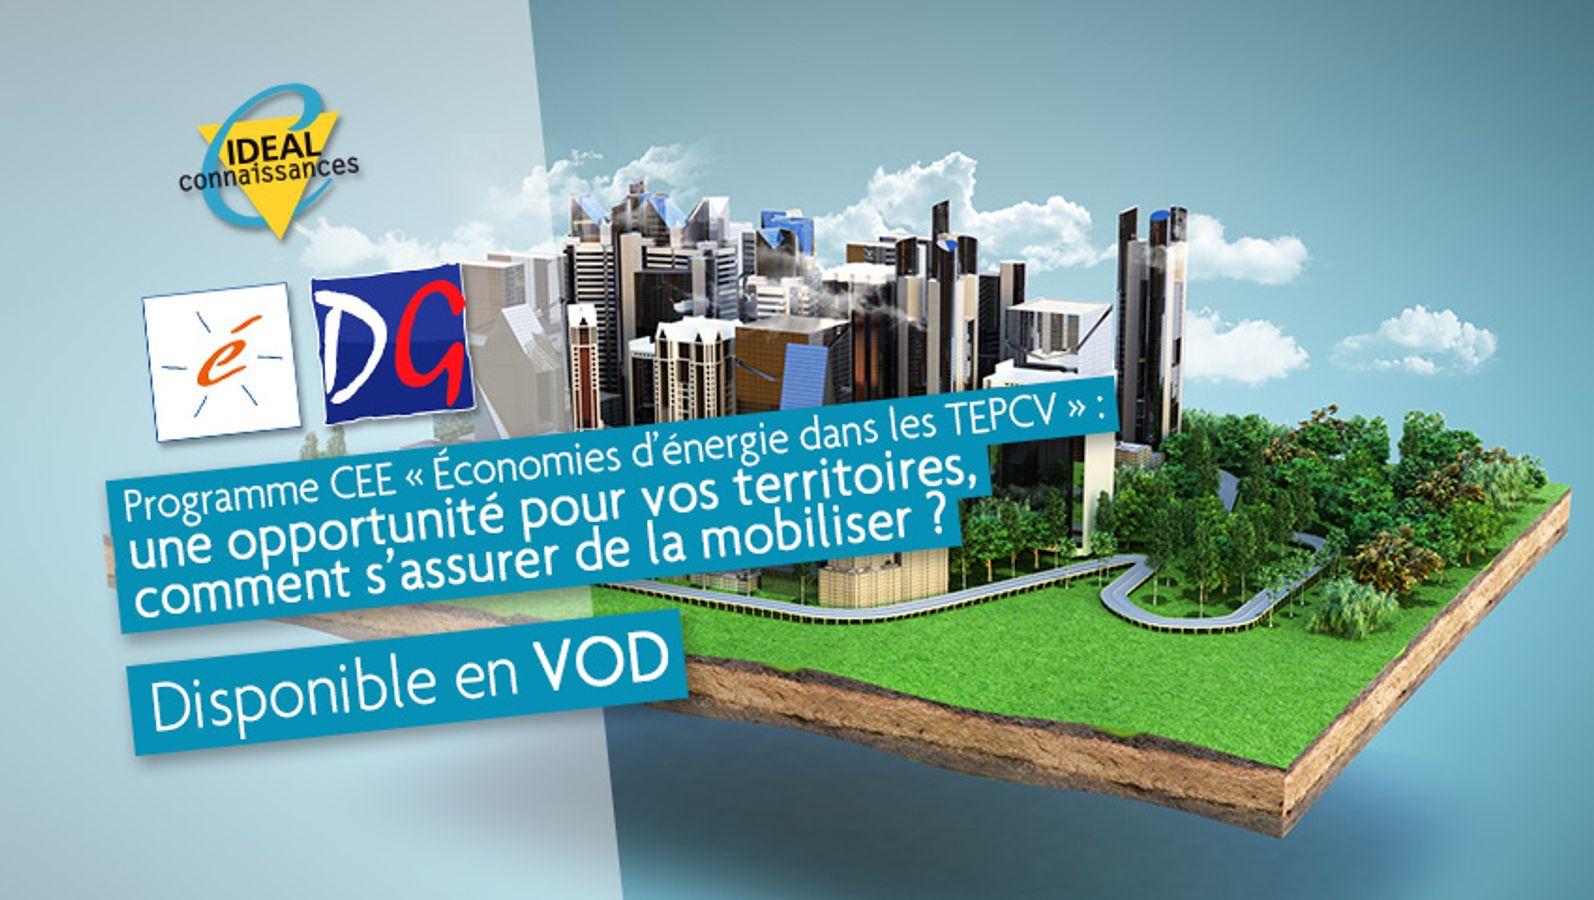 Programme CEE « Économies d'énergie dans les TEPCV » : une opportunité pour vos territoires, comment s'assurer de la mobiliser ?